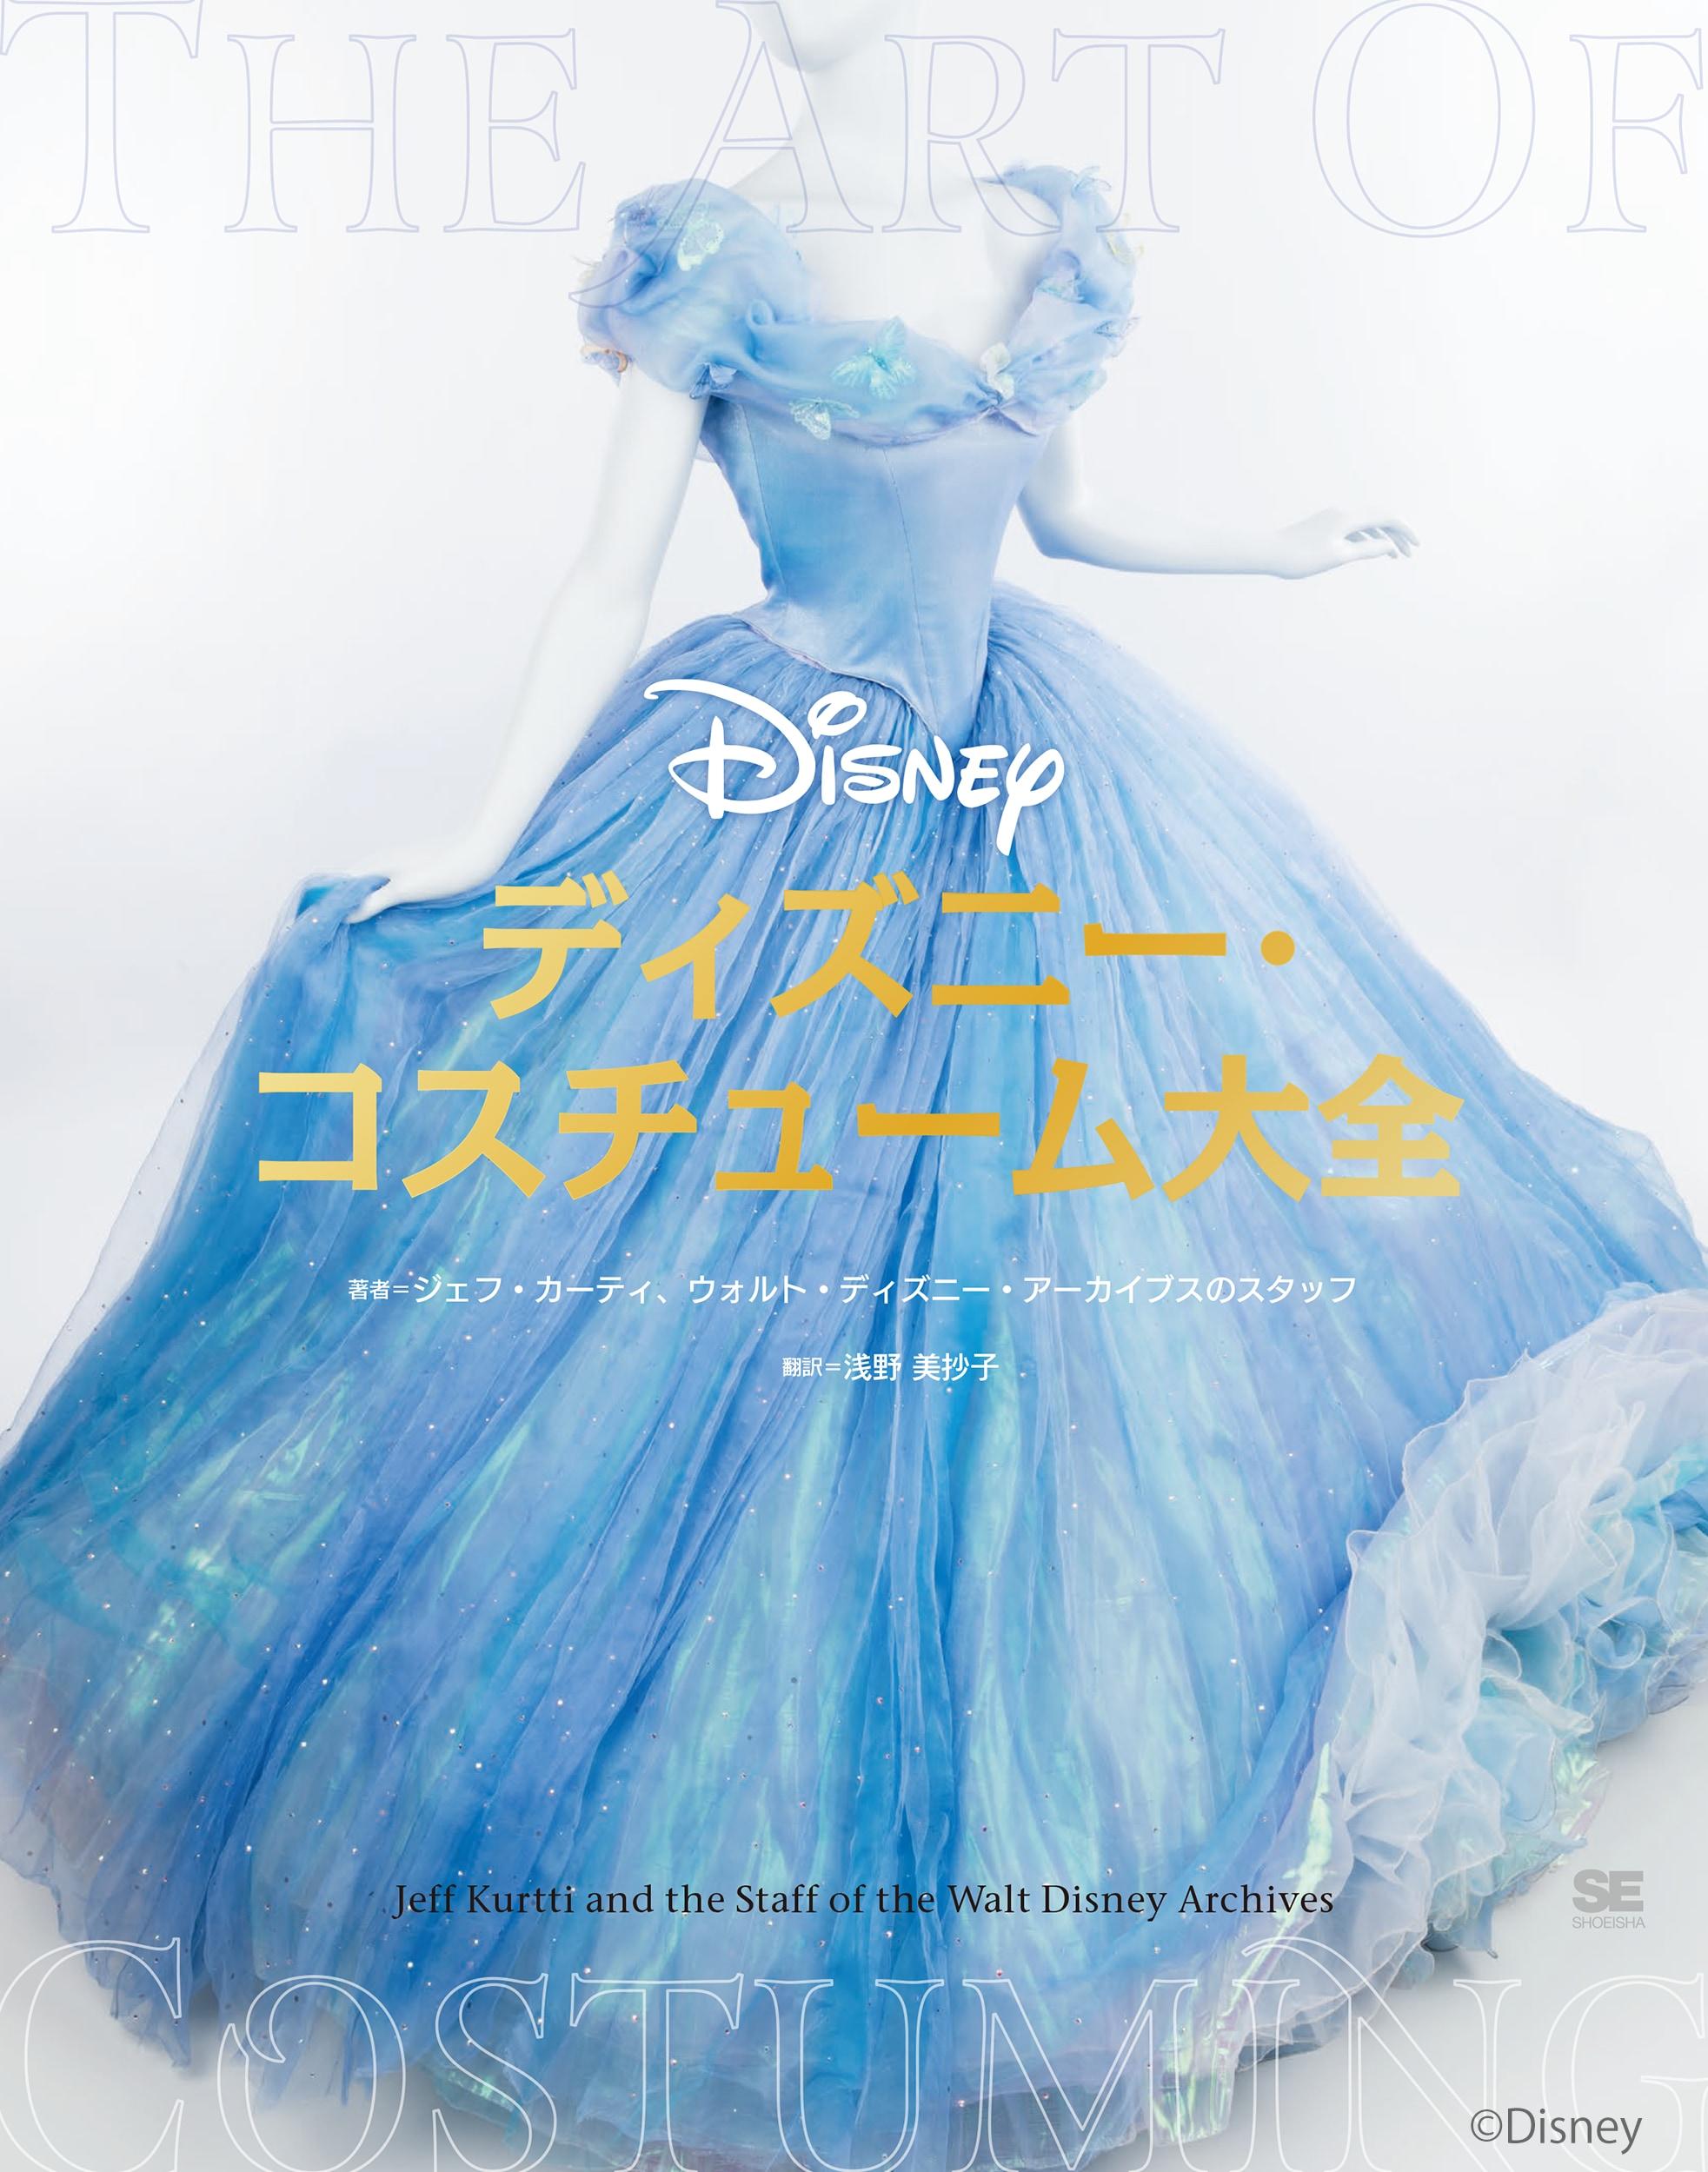 ディズニーの衣装ってどうやって作られたの?56キャラクターのデザインを徹底解説!作品&コスプレファンも楽しめる1冊